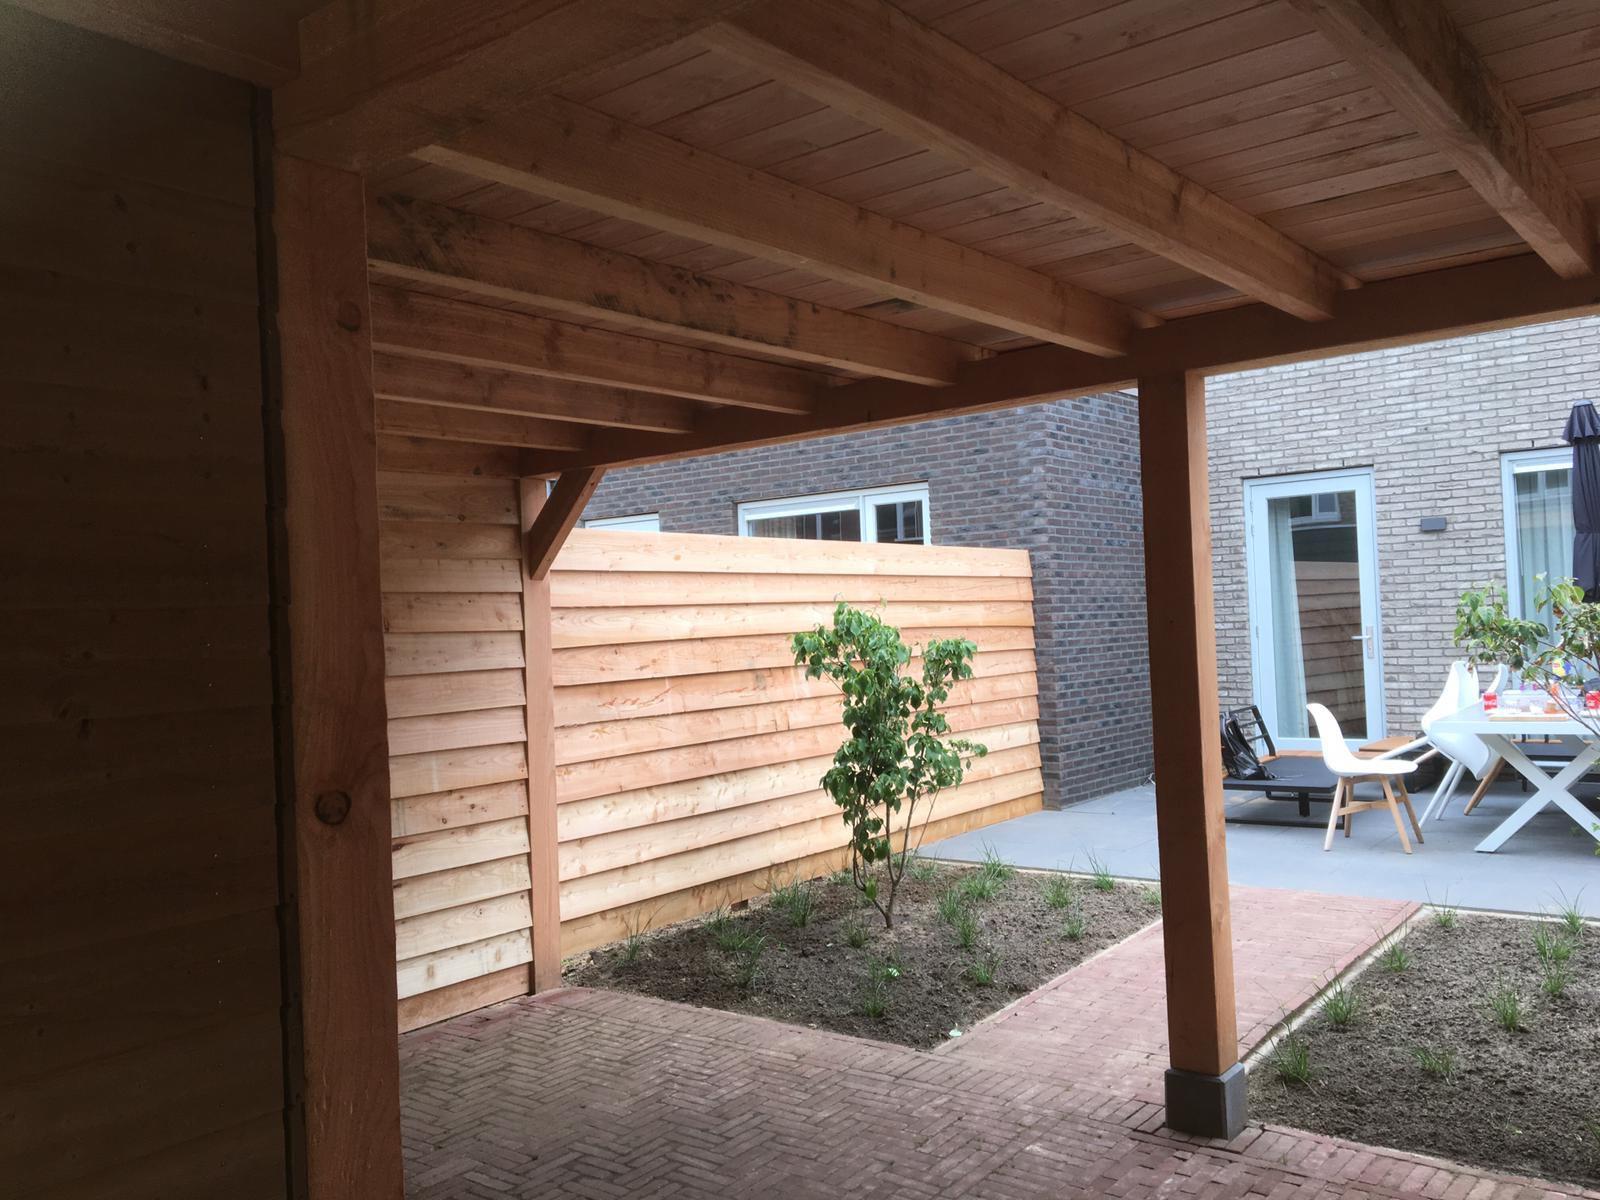 Aanleg tuin met veranda - Hoveniersbedrijf Ronny Kroeze